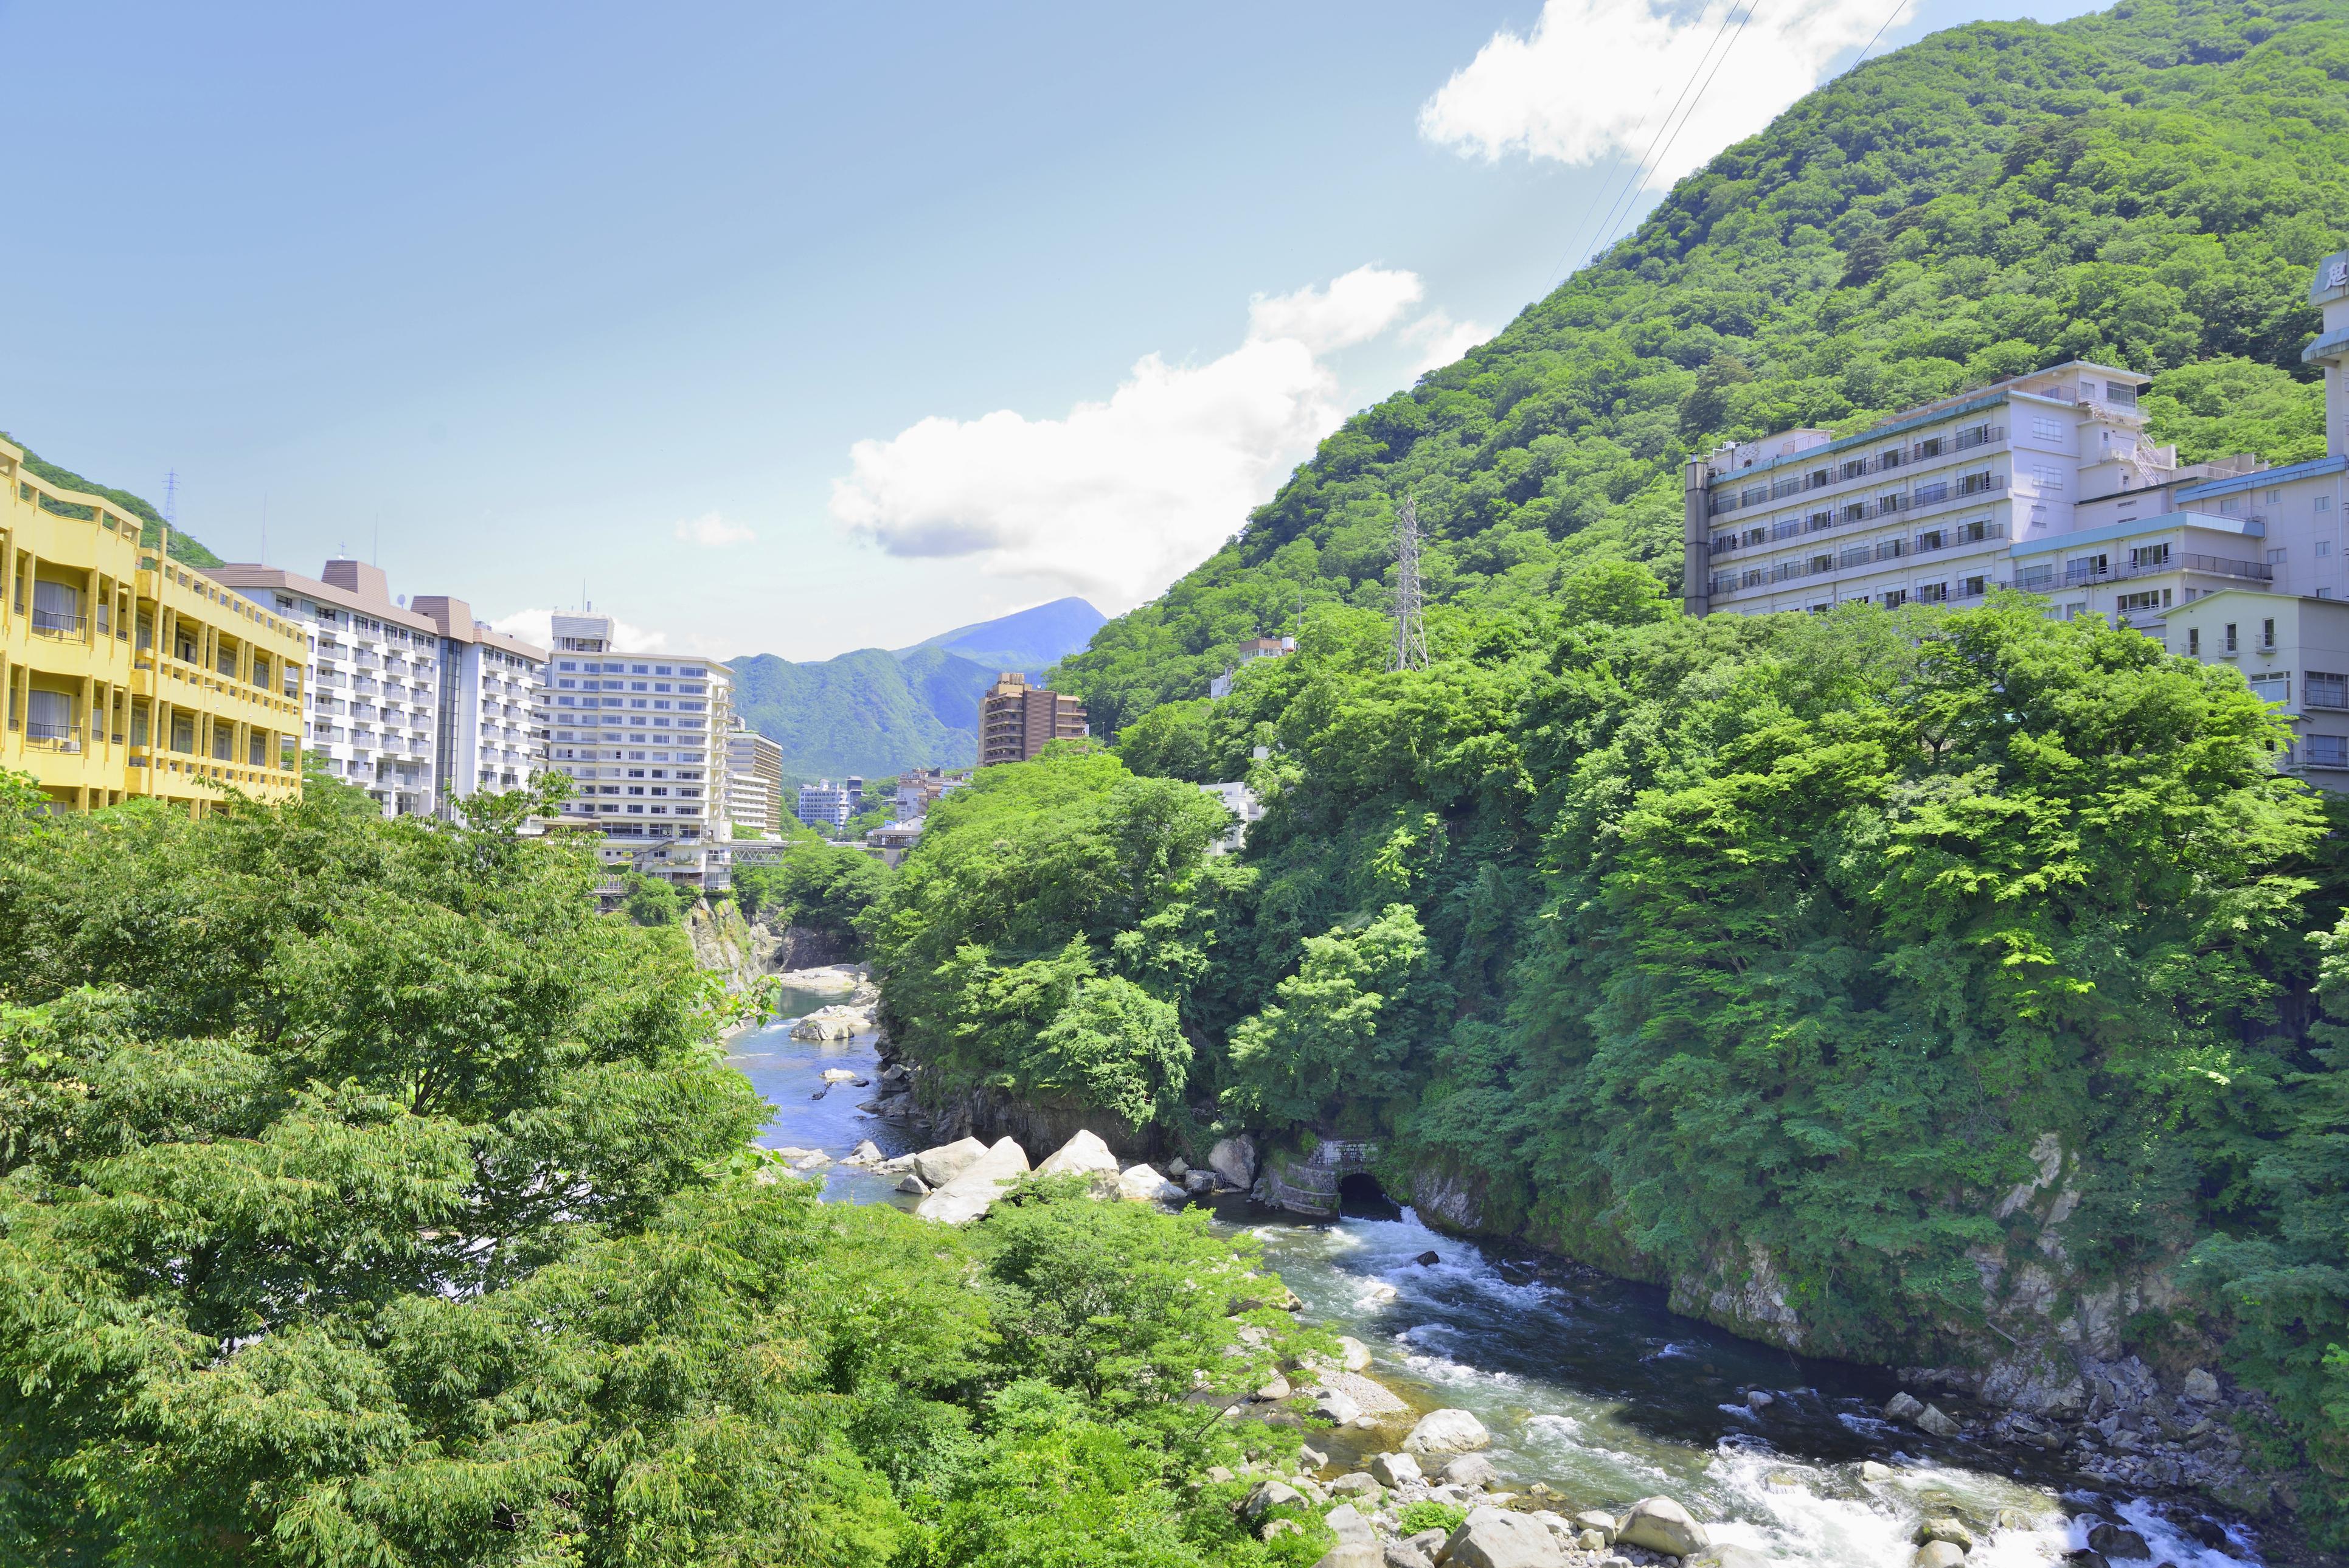 Kinugawa Onsen in summer with greenery